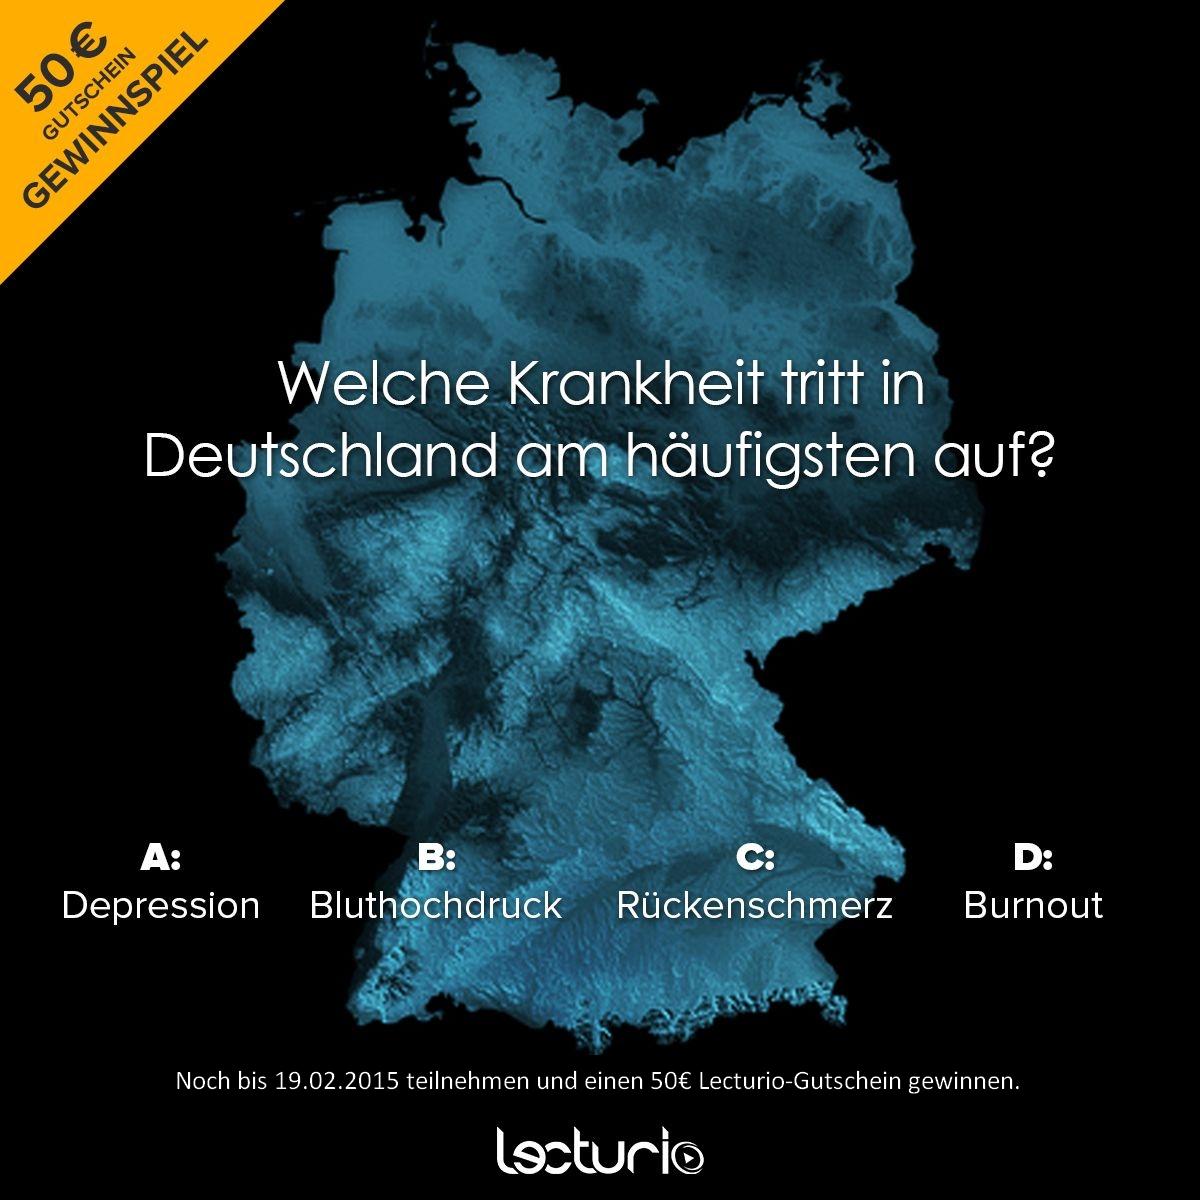 das ist ein quiz zu krankheiten in deutschland